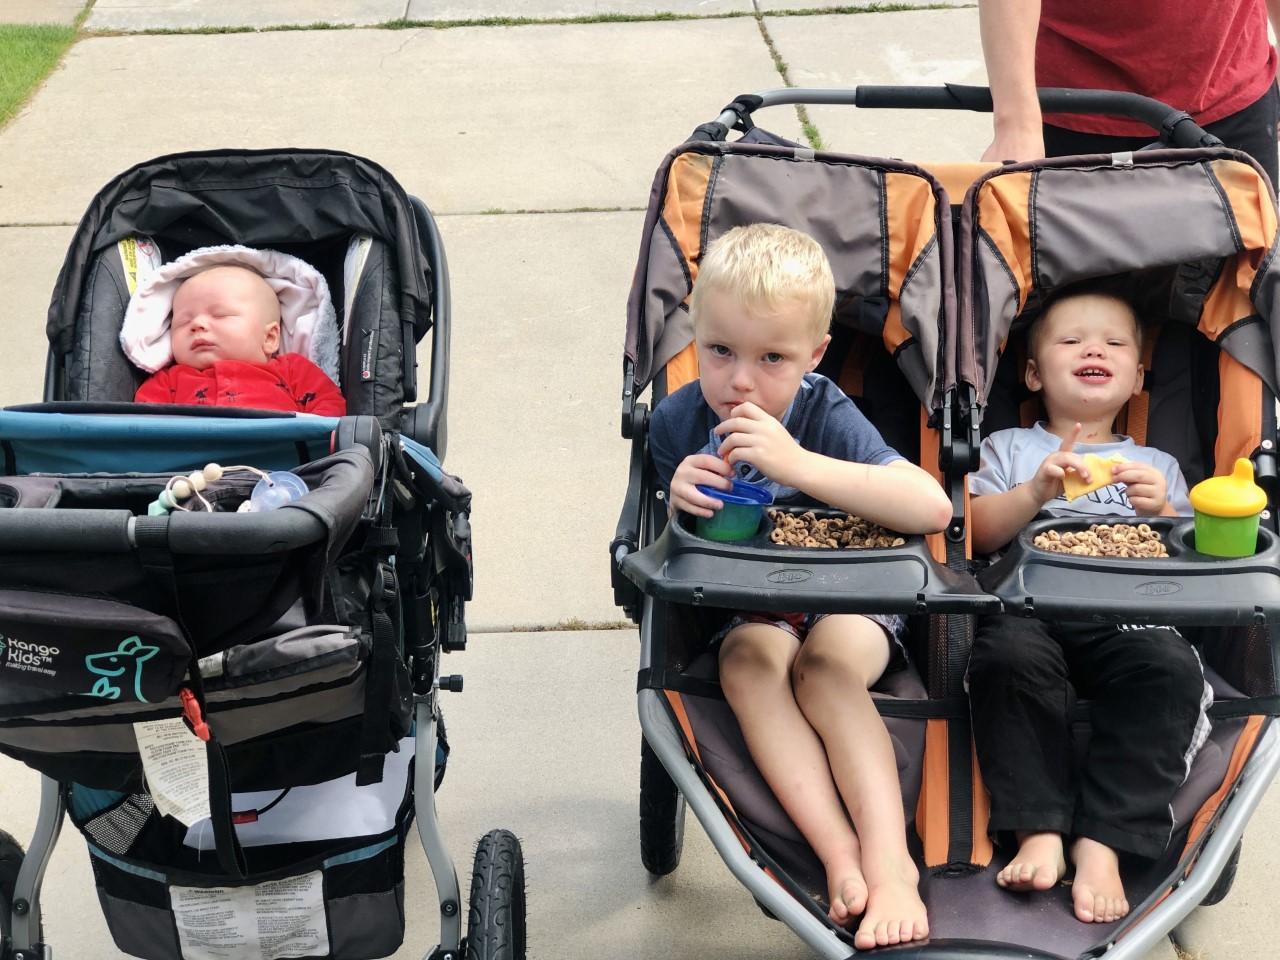 Baby and Baby Three: Walks